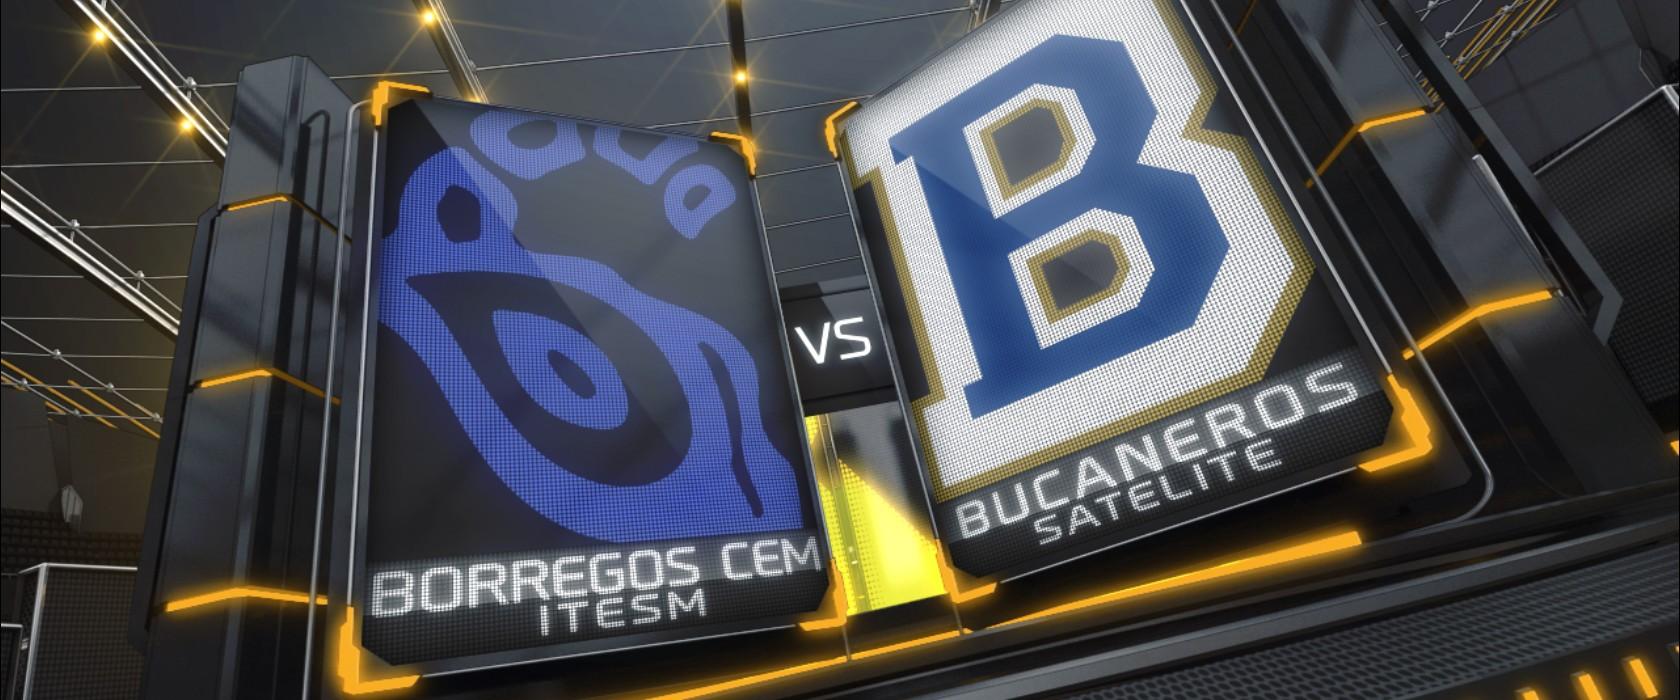 Borregos CEM vs Bucaneros